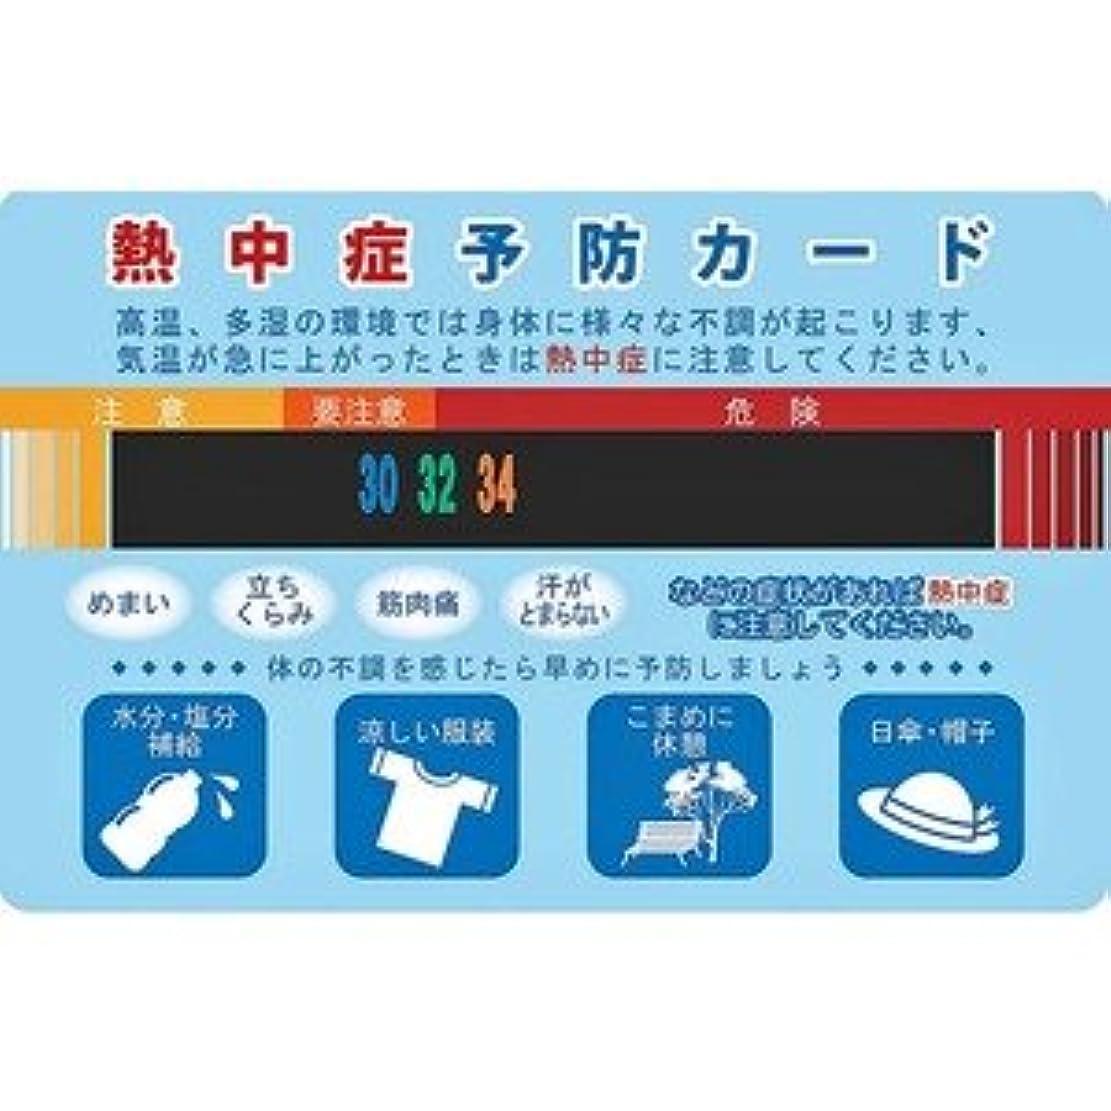 清めるテレビ局ダイエット熱中症予防カード?NE1 【100枚セット】 熱中症対策